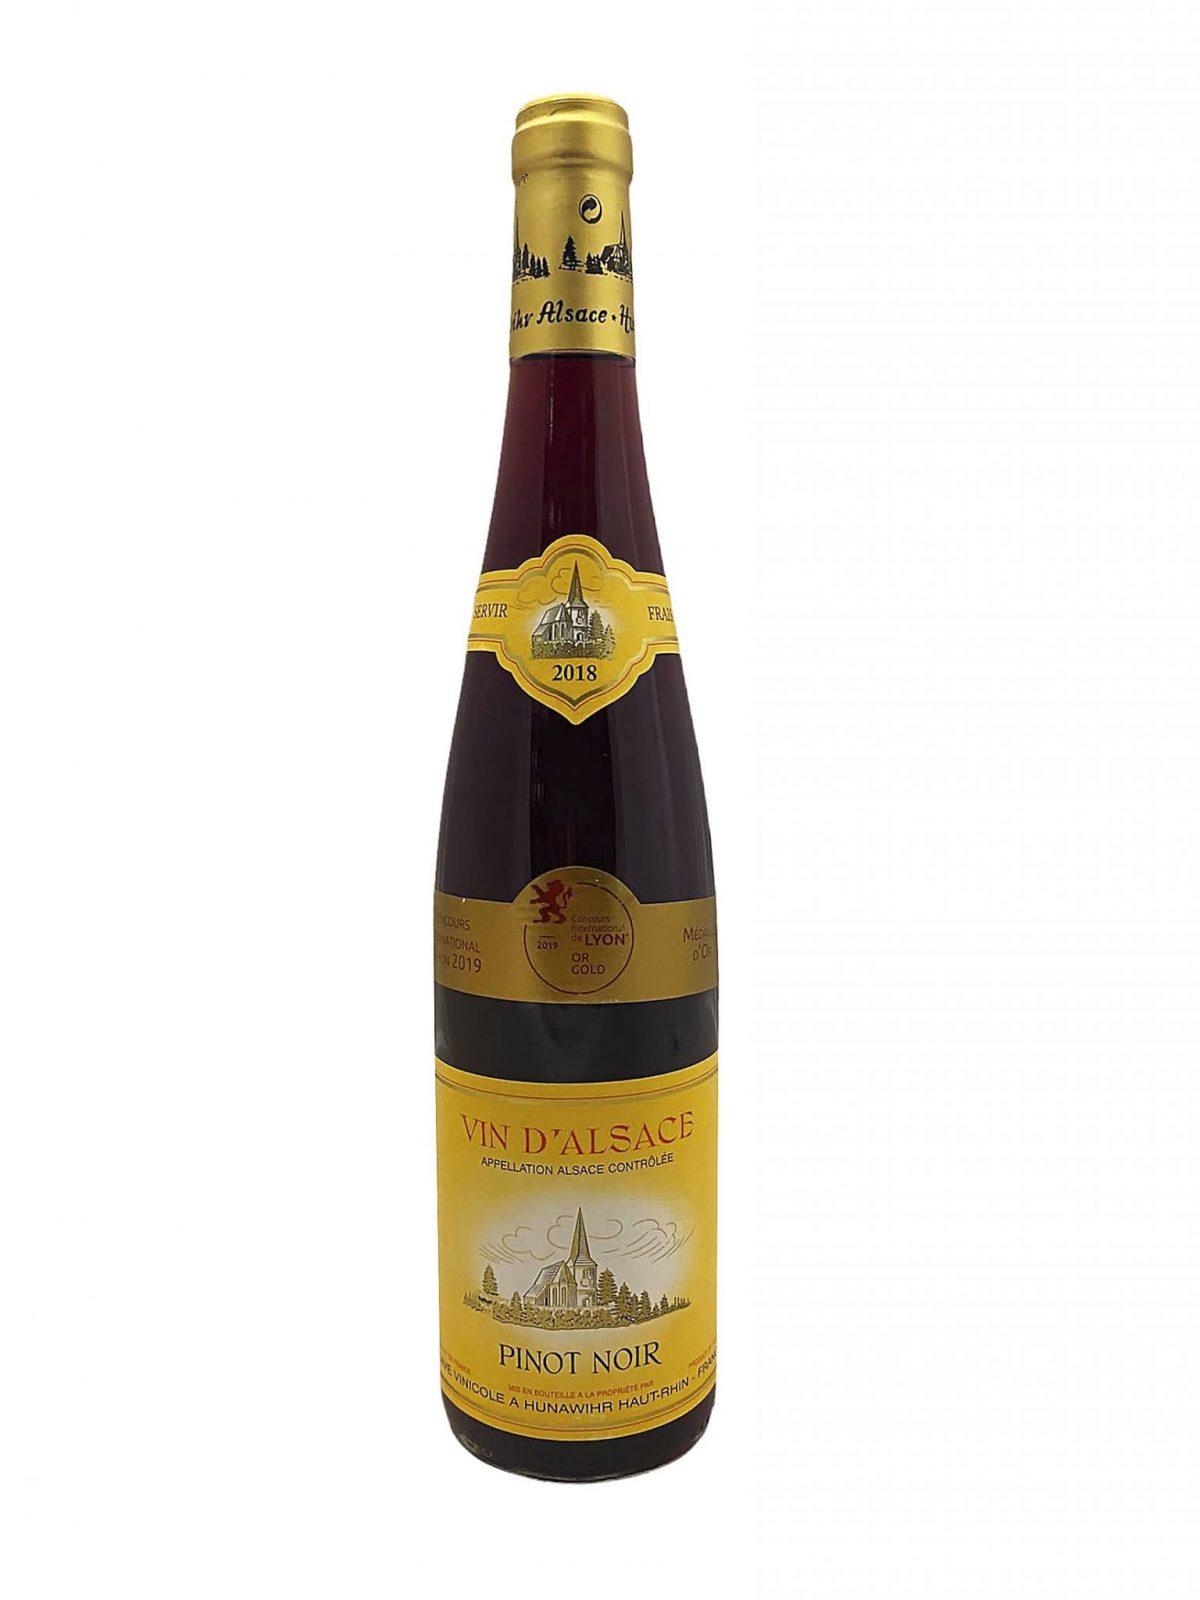 Vin D´Alsace Pinot Noir, Červené víno, vinotéka Sunny wines, slnecnice mesto Bratislava, rozvoz vina, francúzske víno